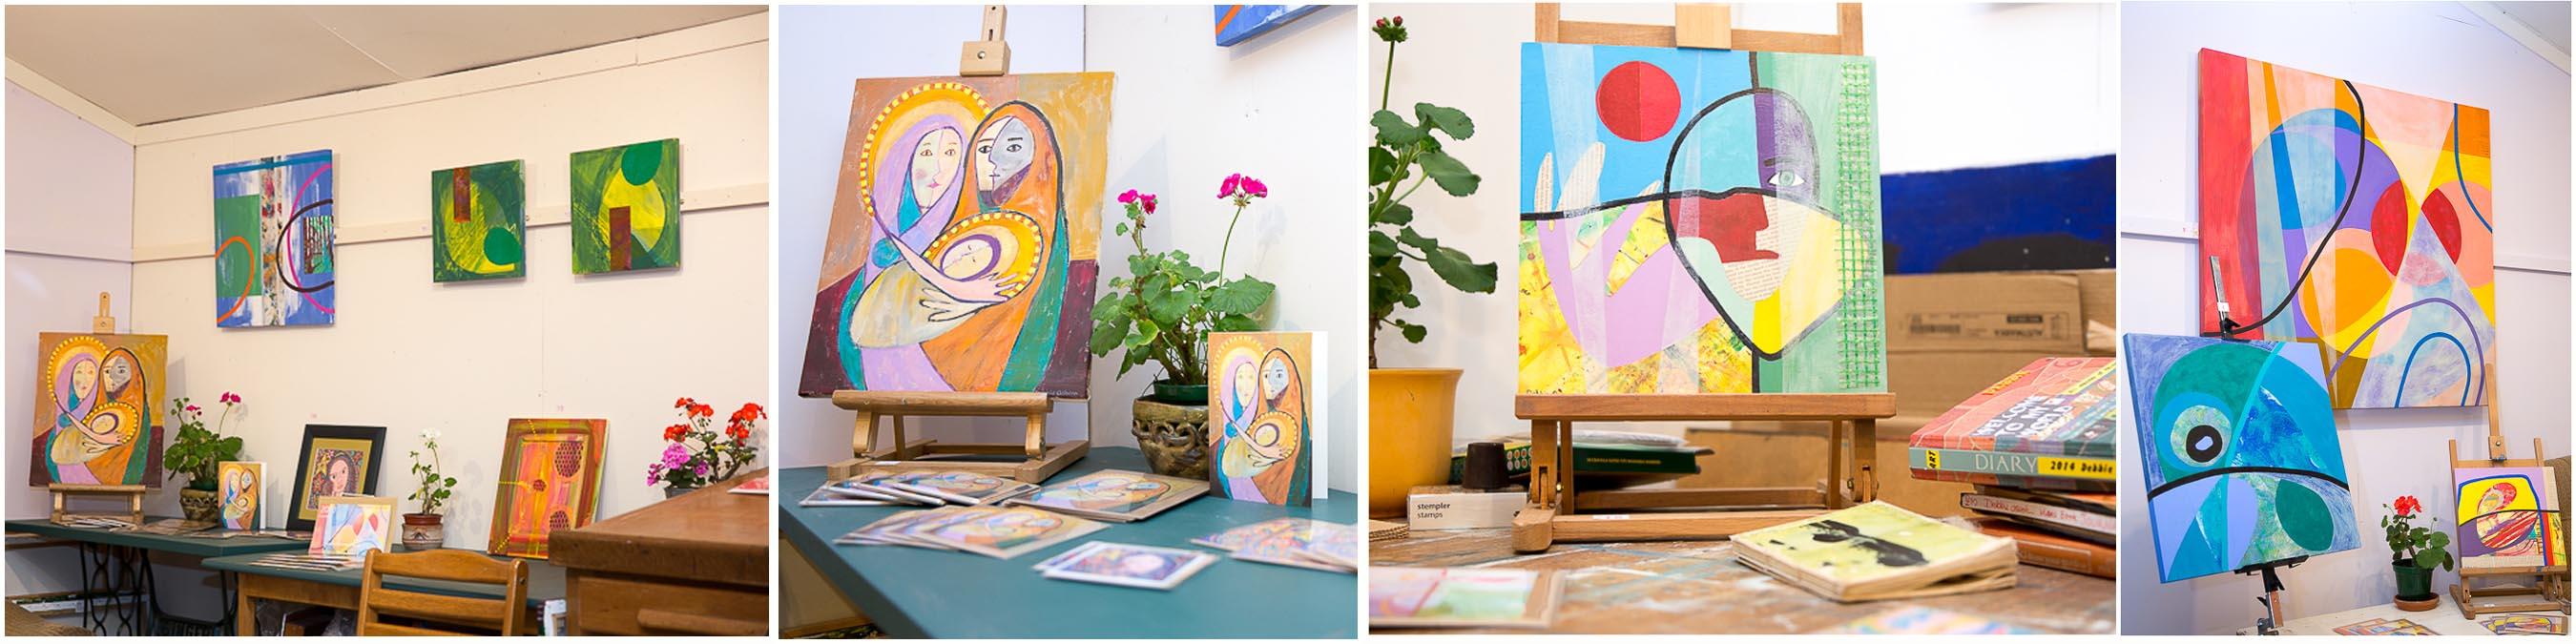 Exhibitions – DEBBIE OSBORN ART STUDIO